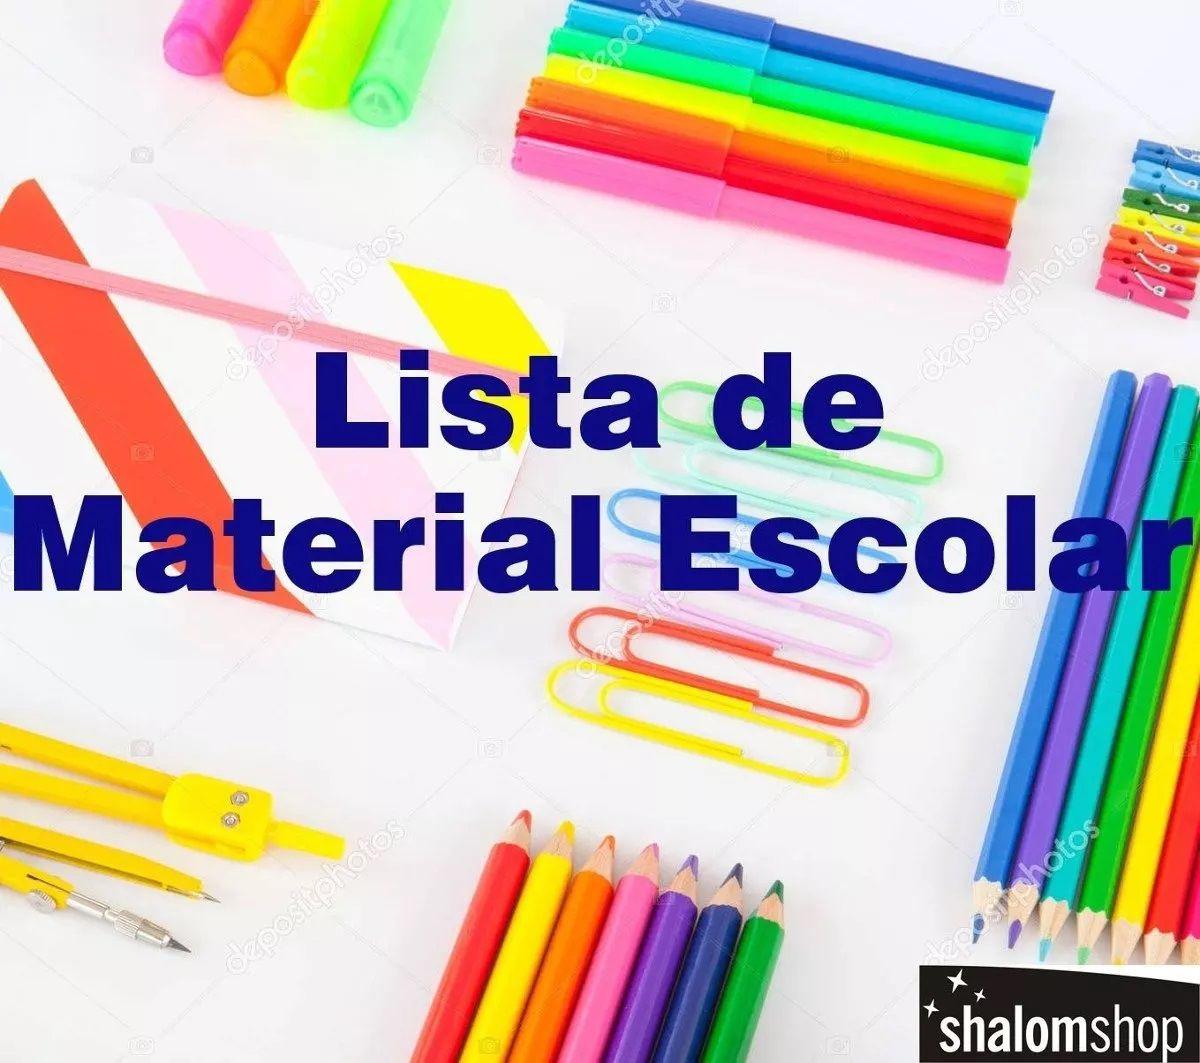 Lista de Material Escolar 32 itens pedido 764943 ShalomShop Volta às Aulas 2020